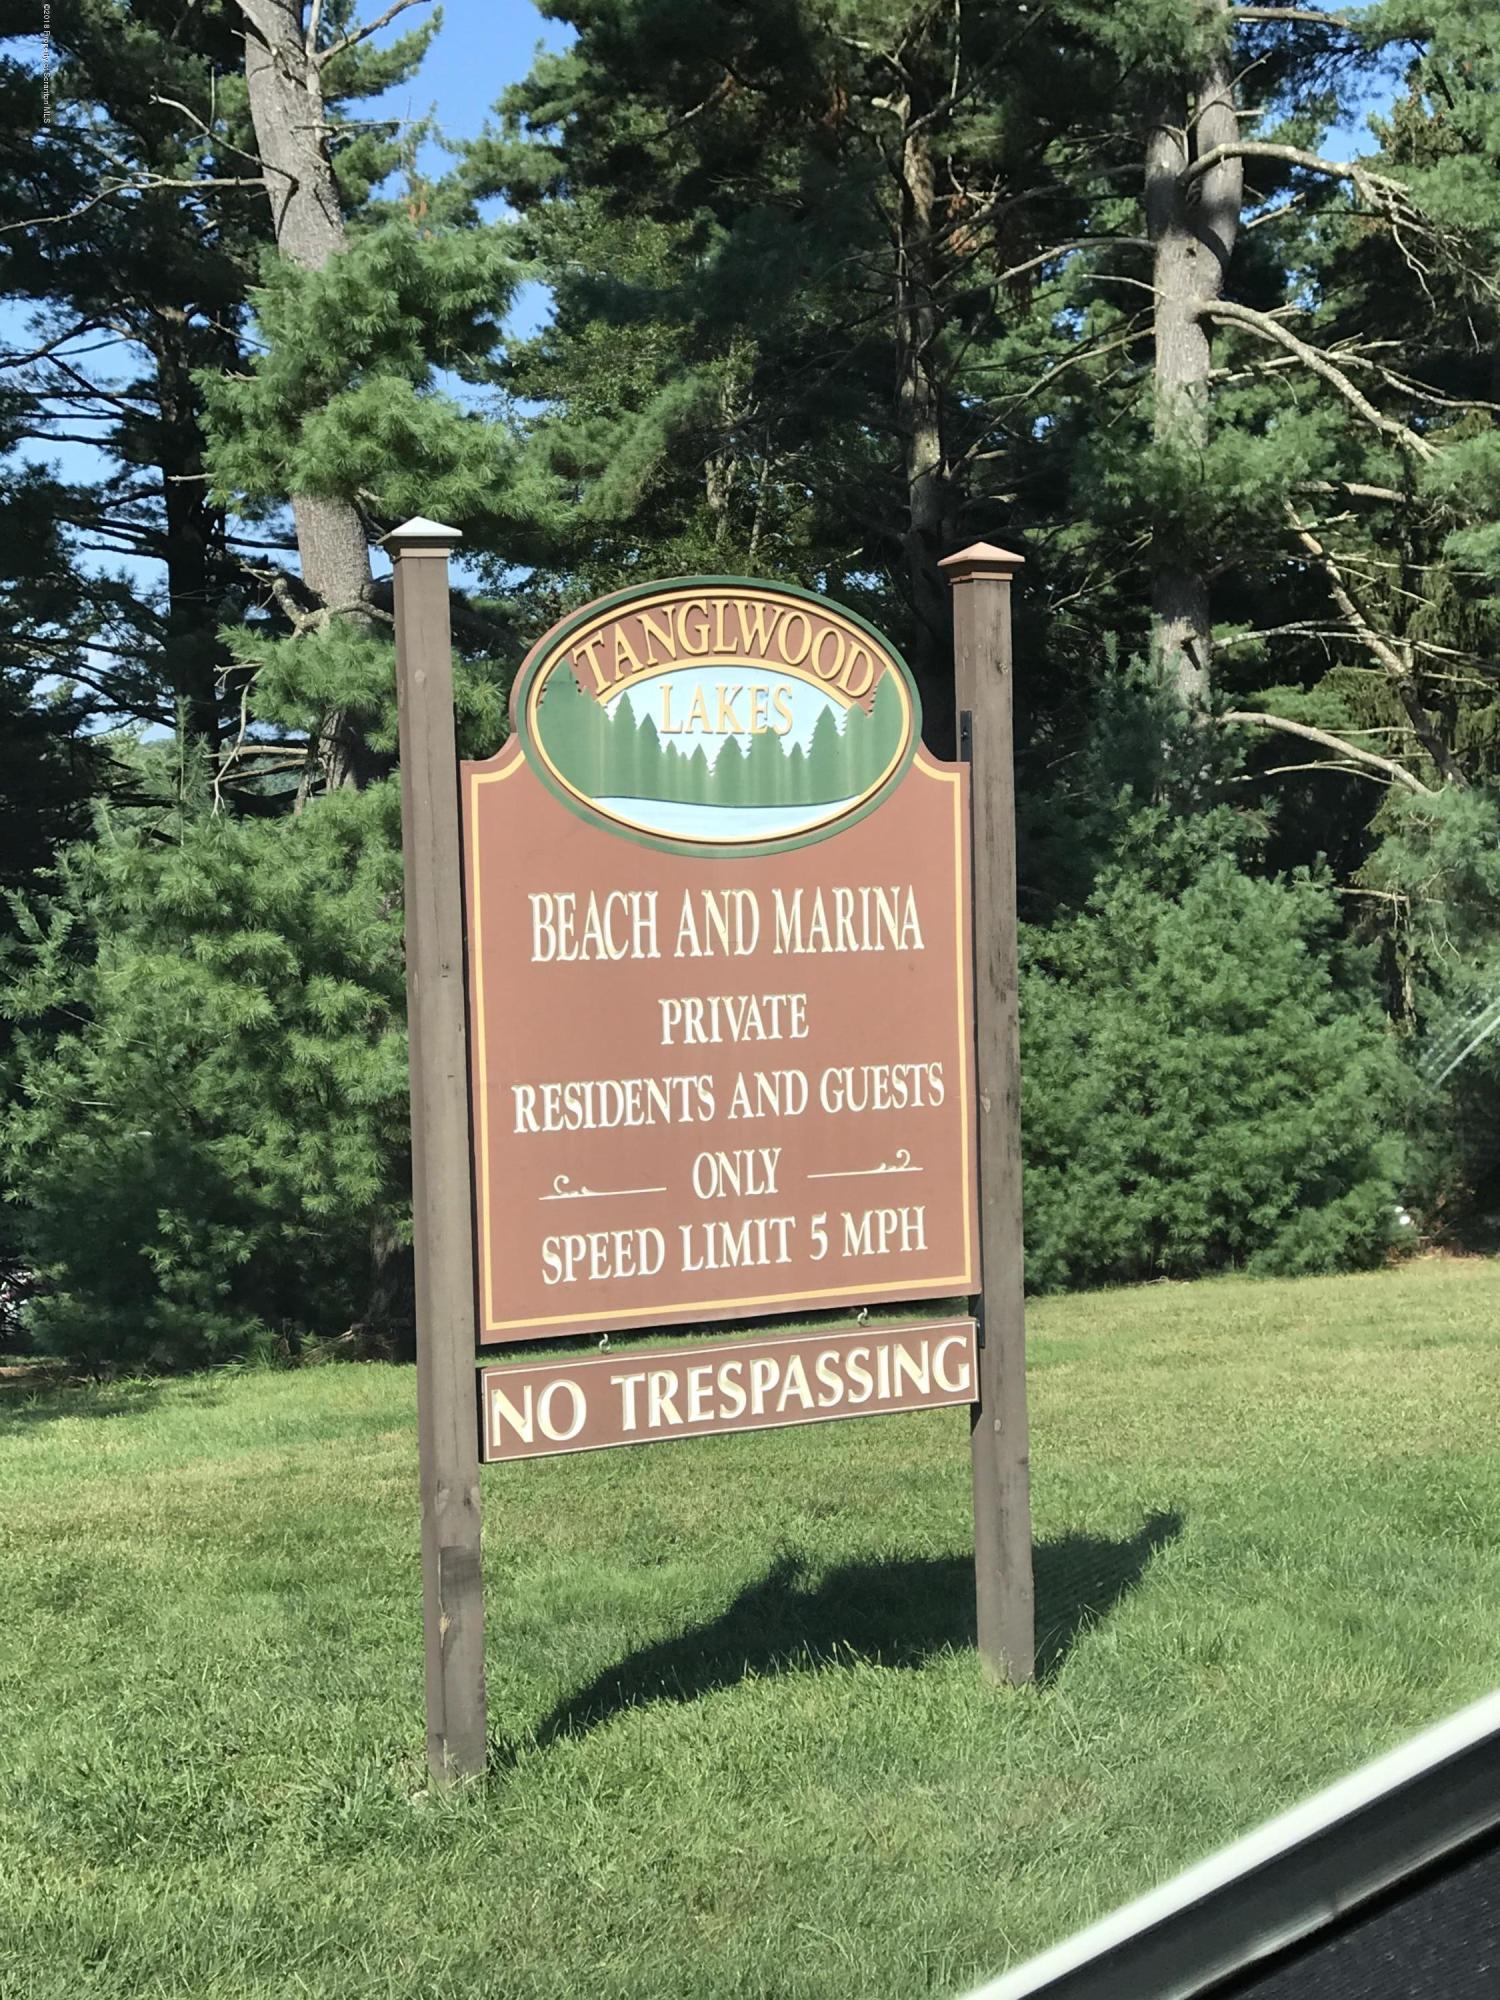 806 Song Mountain Terrace, Tafton, Pennsylvania 18464, 3 Bedrooms Bedrooms, 7 Rooms Rooms,2 BathroomsBathrooms,Single Family,For Sale,Song Mountain Terrace,18-4157